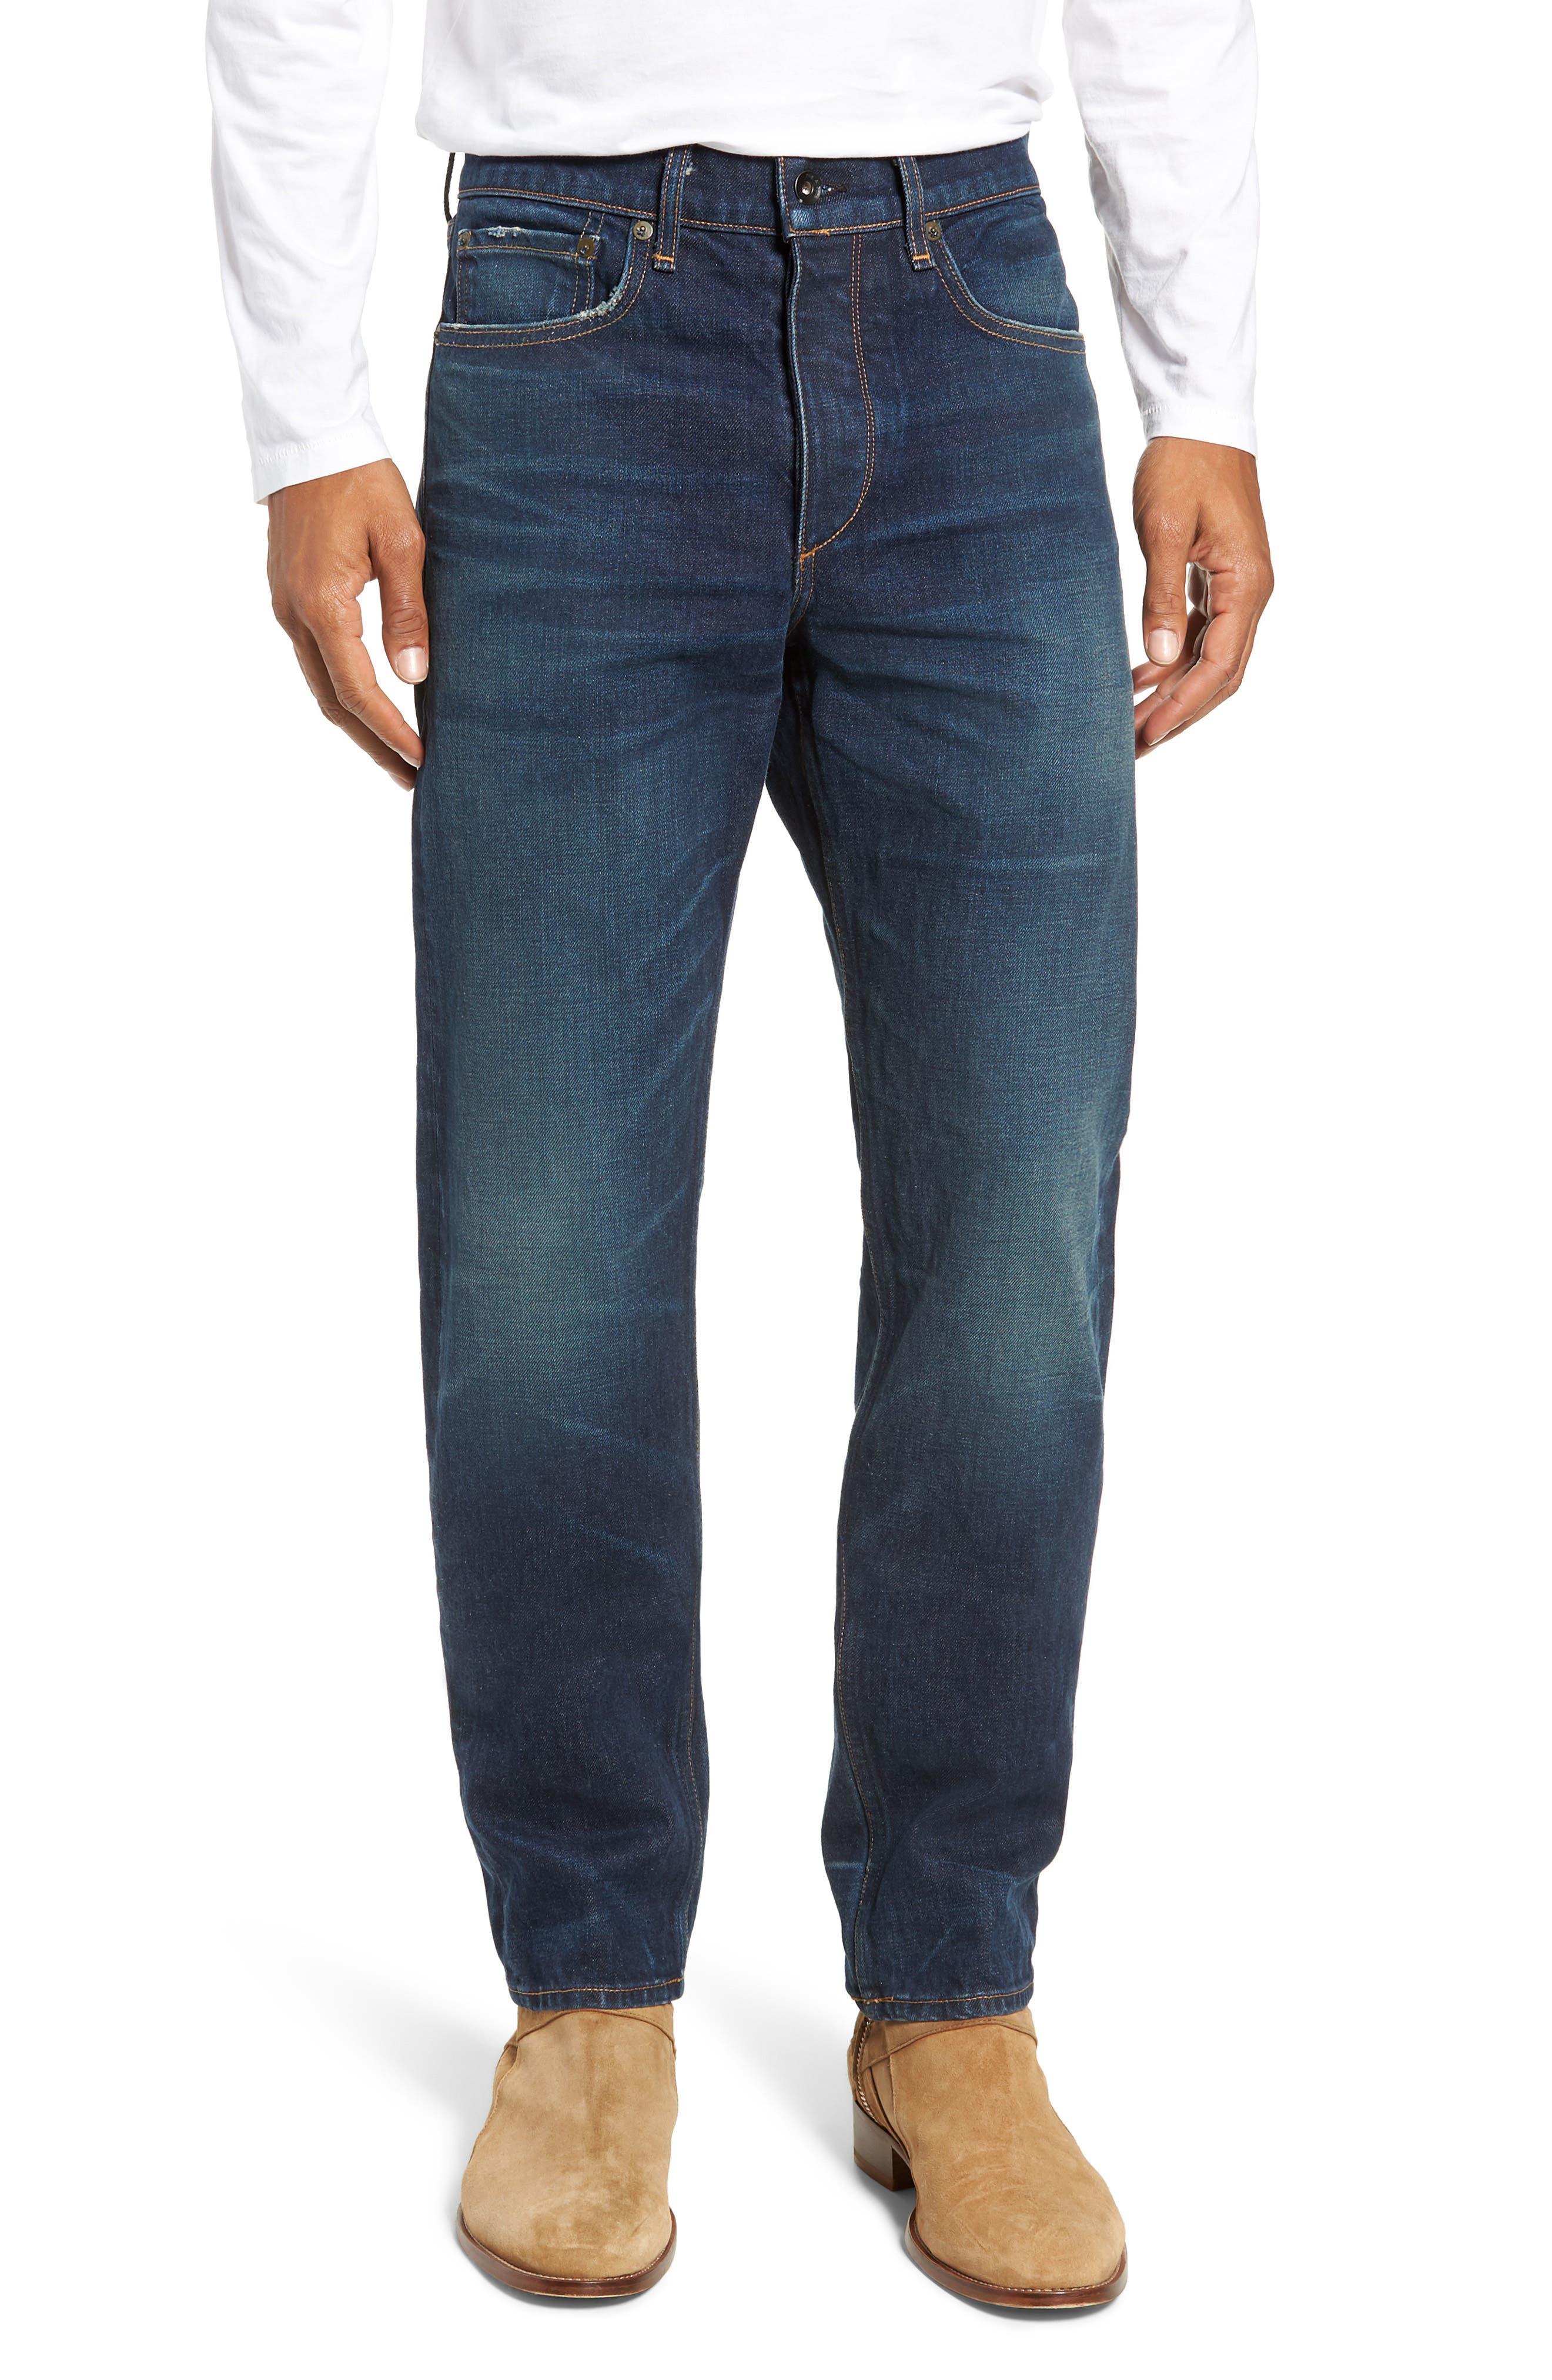 Fit 2 Slim Fit Jeans,                         Main,                         color, WORN ACE